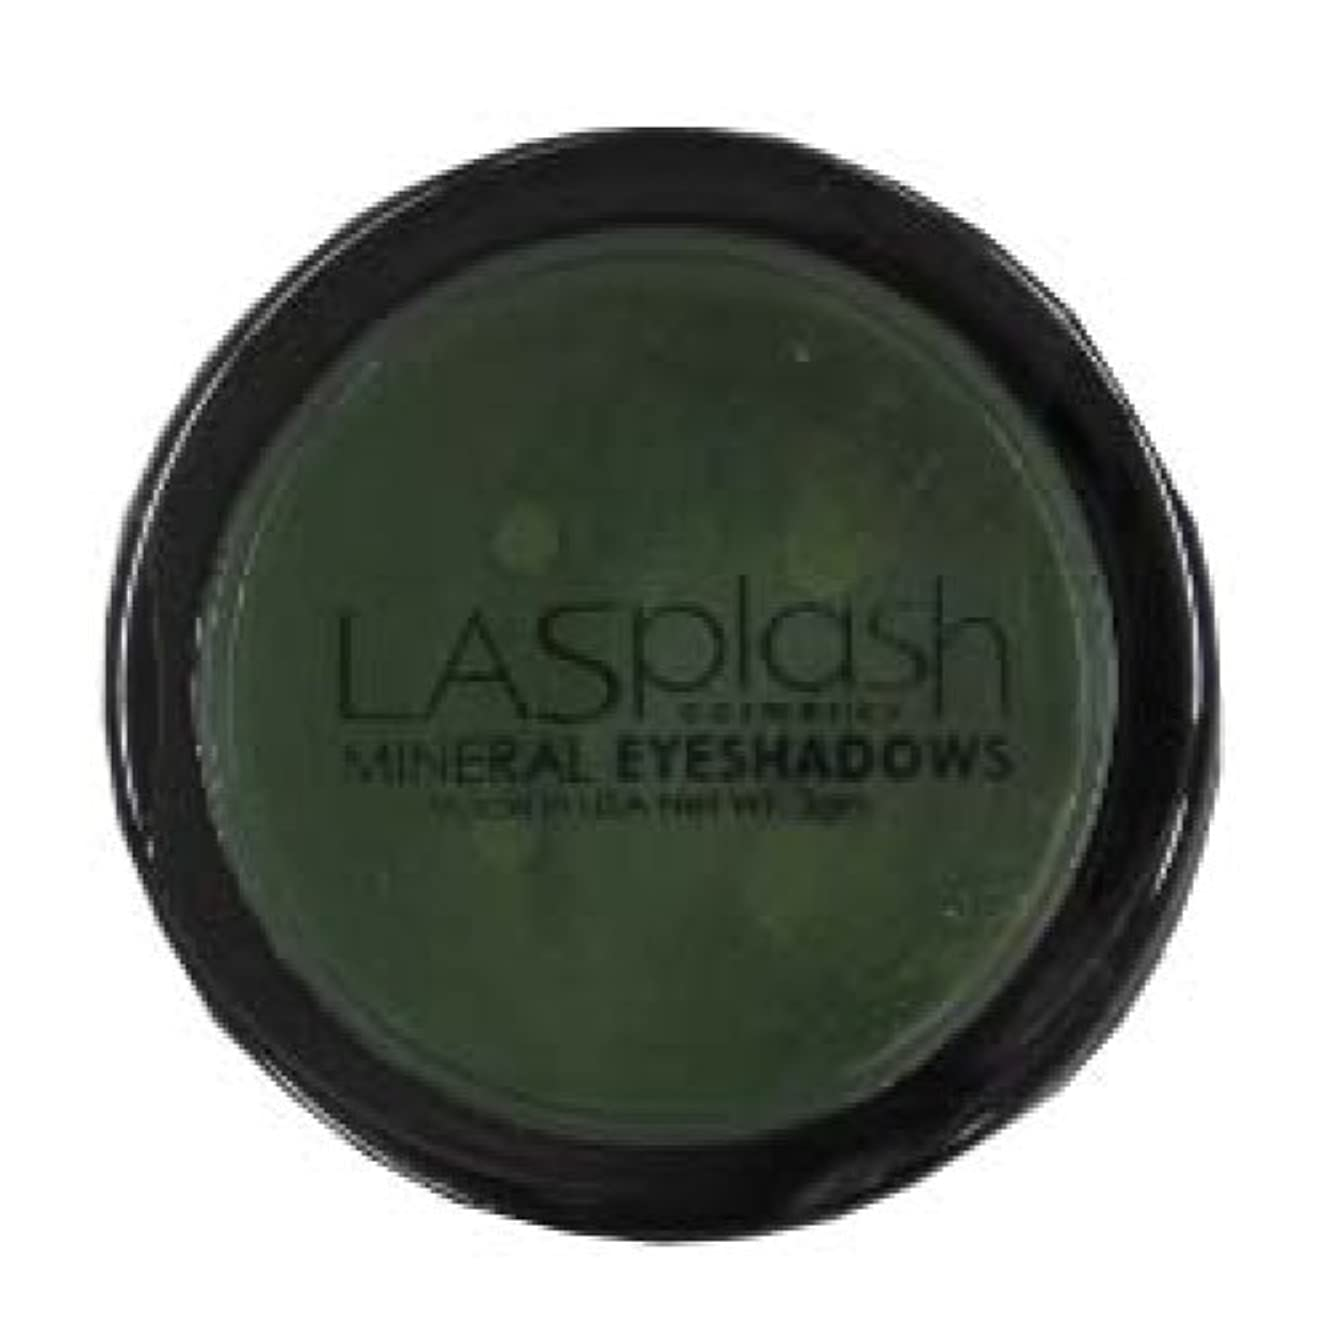 説明有効階LASplash ミネラルアイスパークルアイシャドウグリーン257